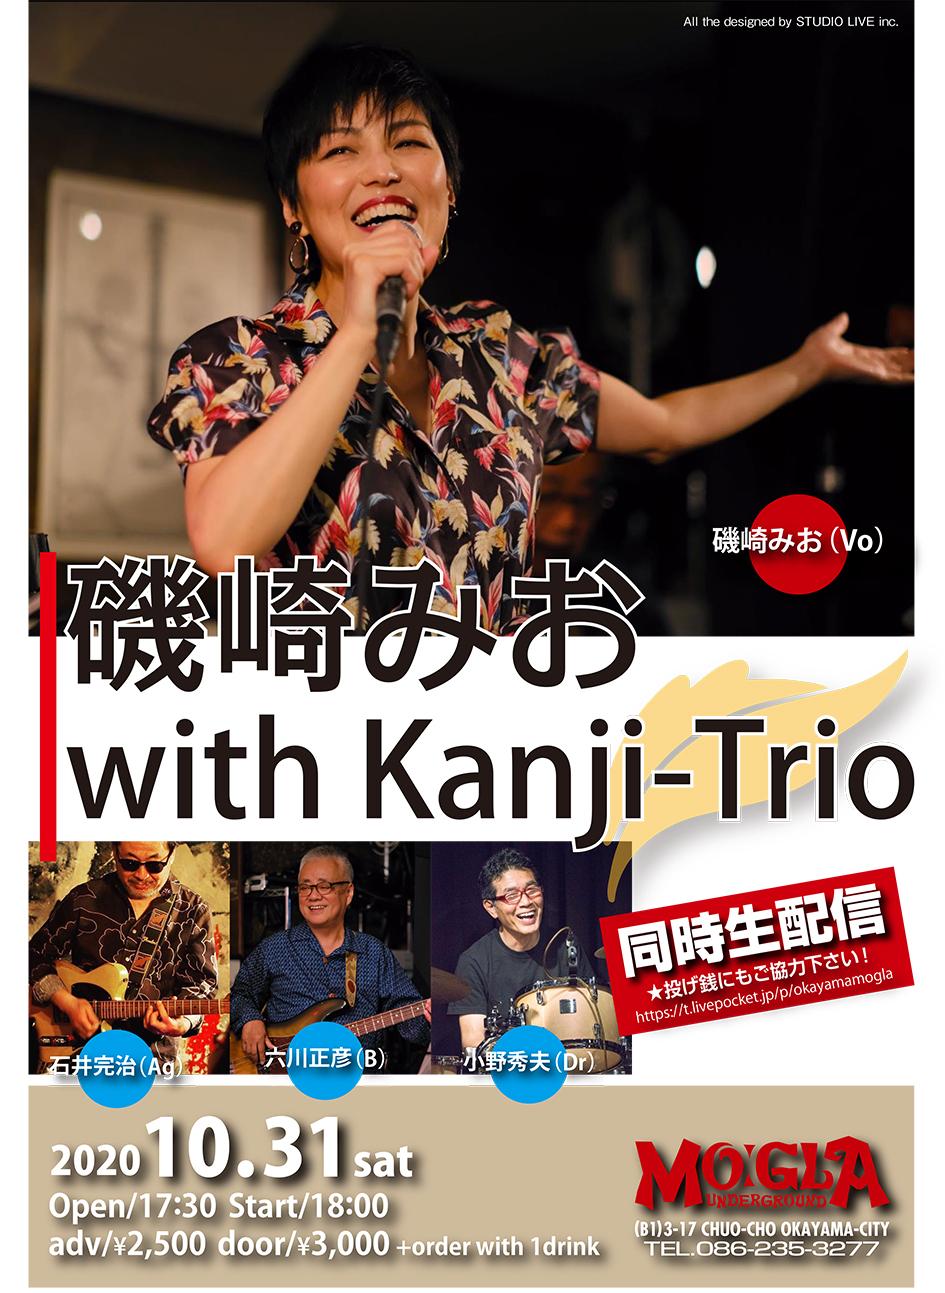 磯崎みお with Kanji-Trio 同時生配信 10月31日 18:00スタート